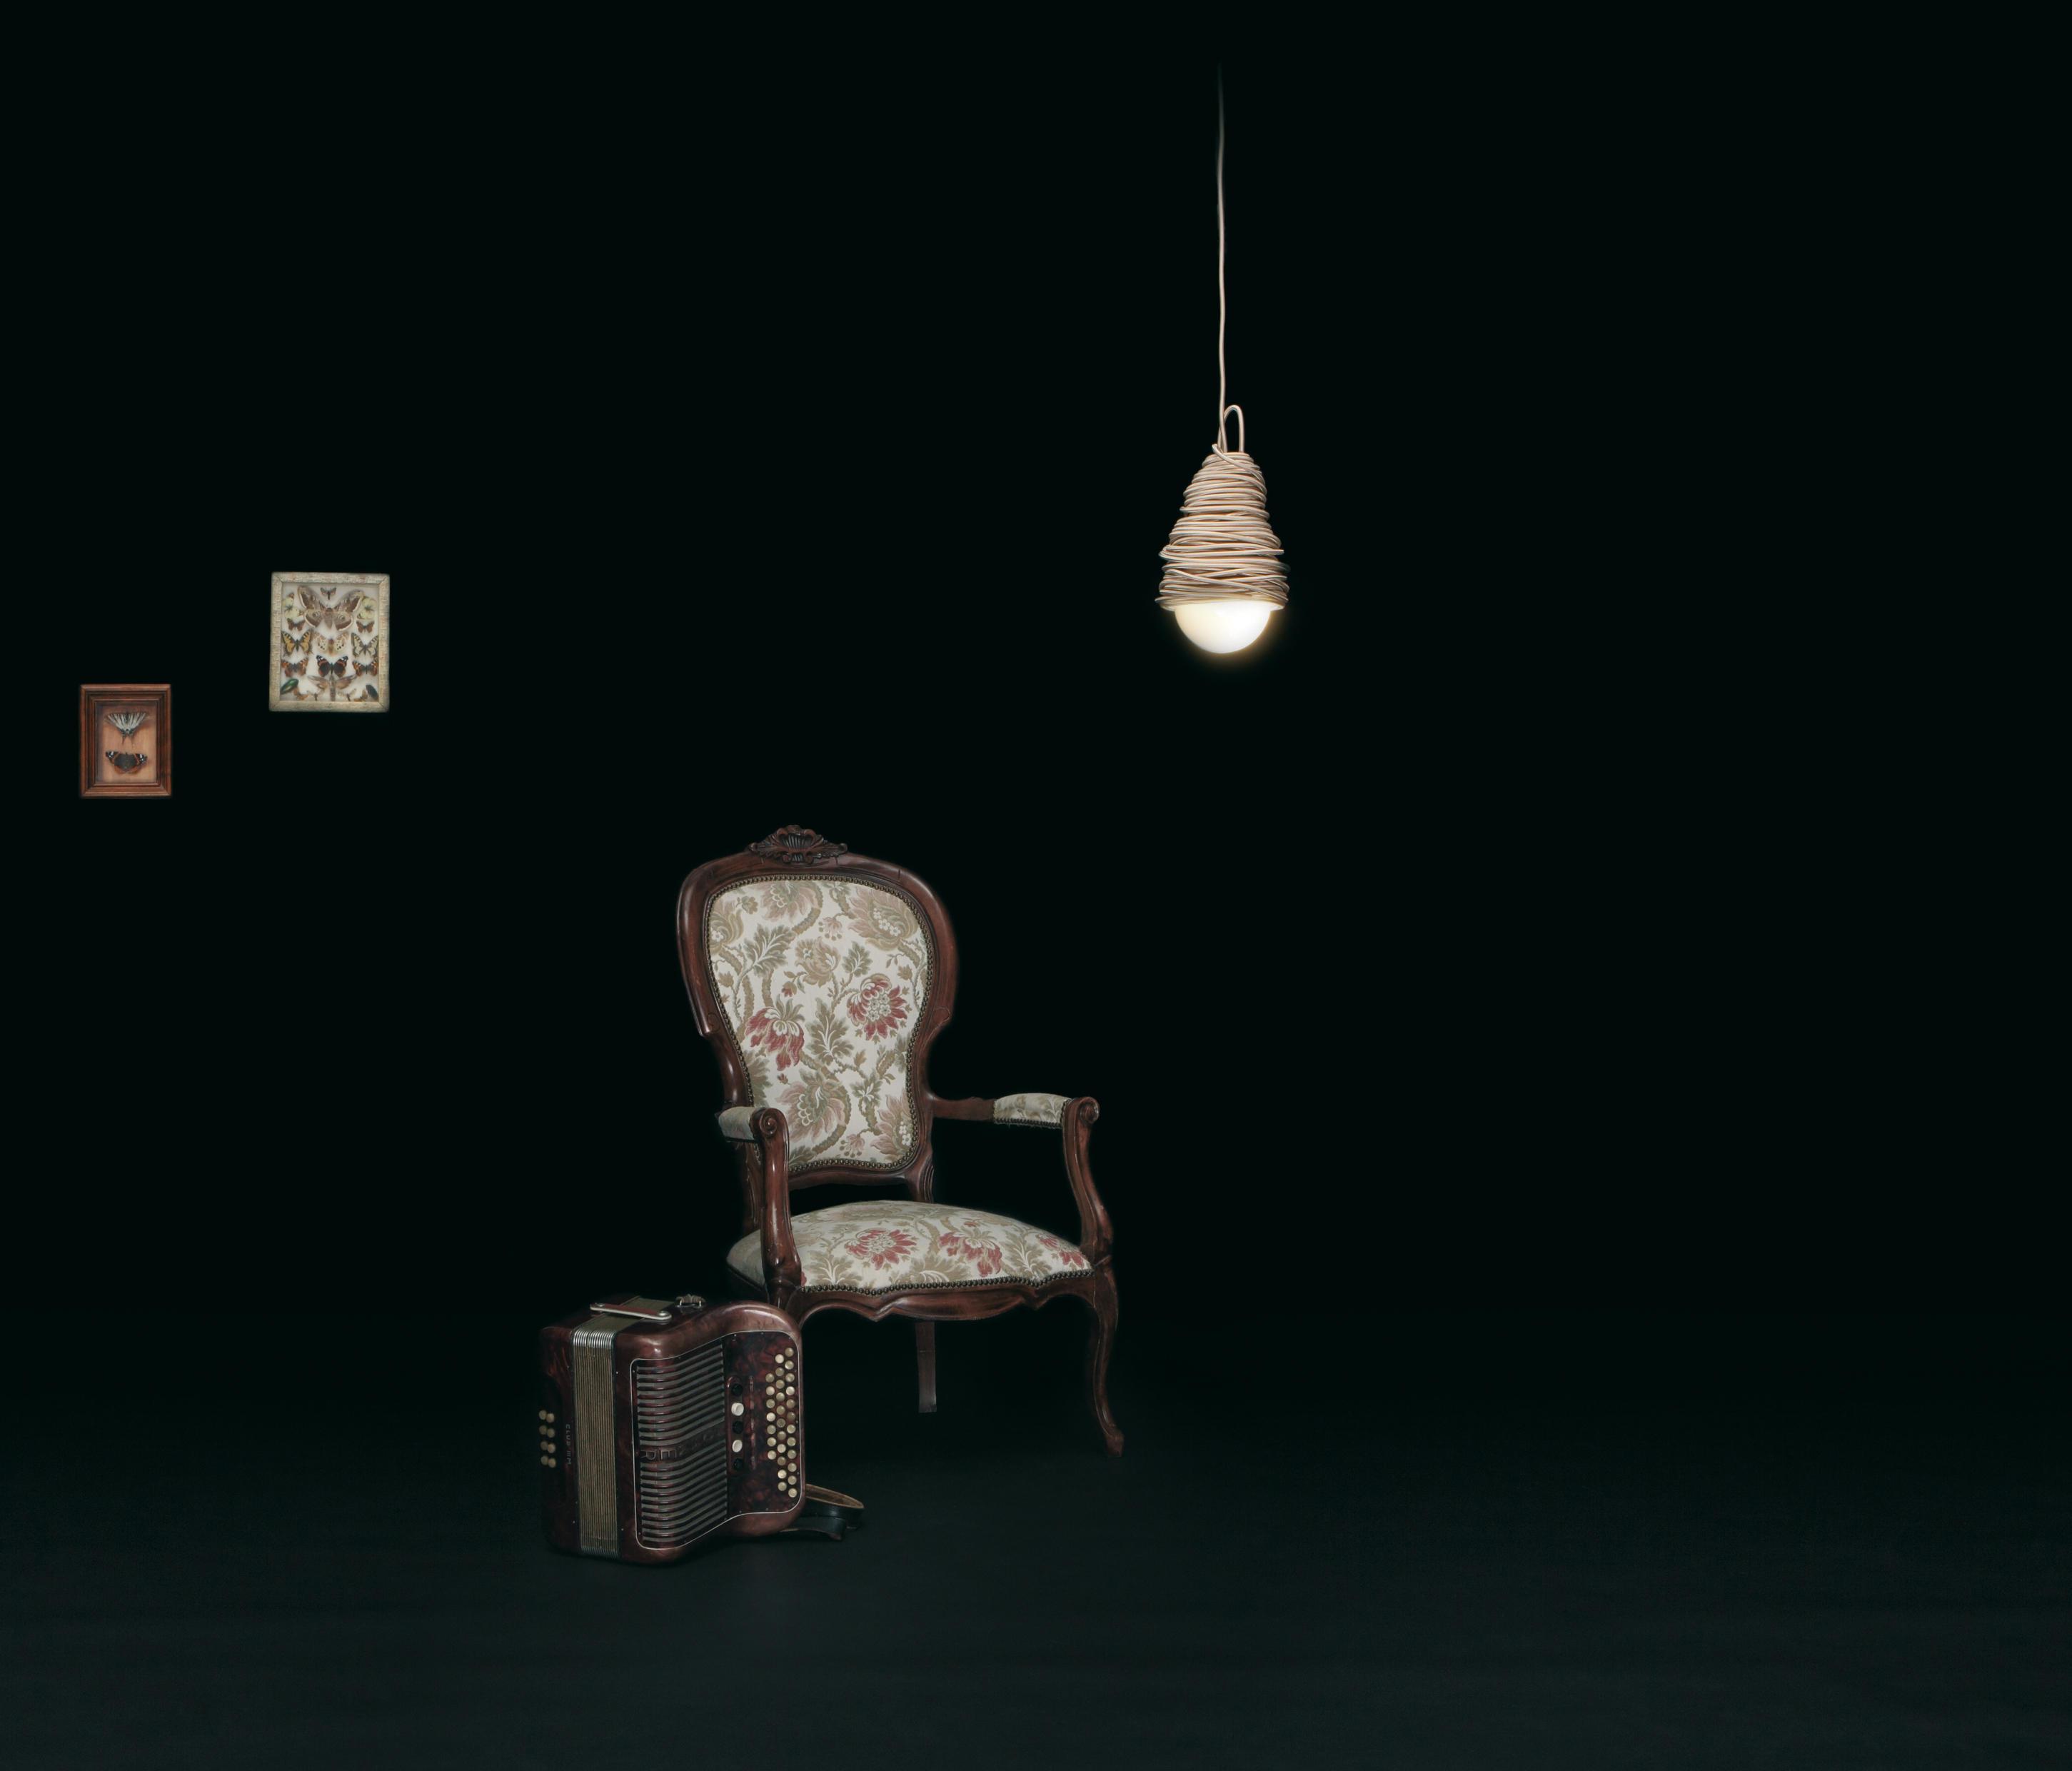 Super Light Clic General Lighting From Fehling Peiz Kraud & Super Lighting   Lighting Ideas azcodes.com